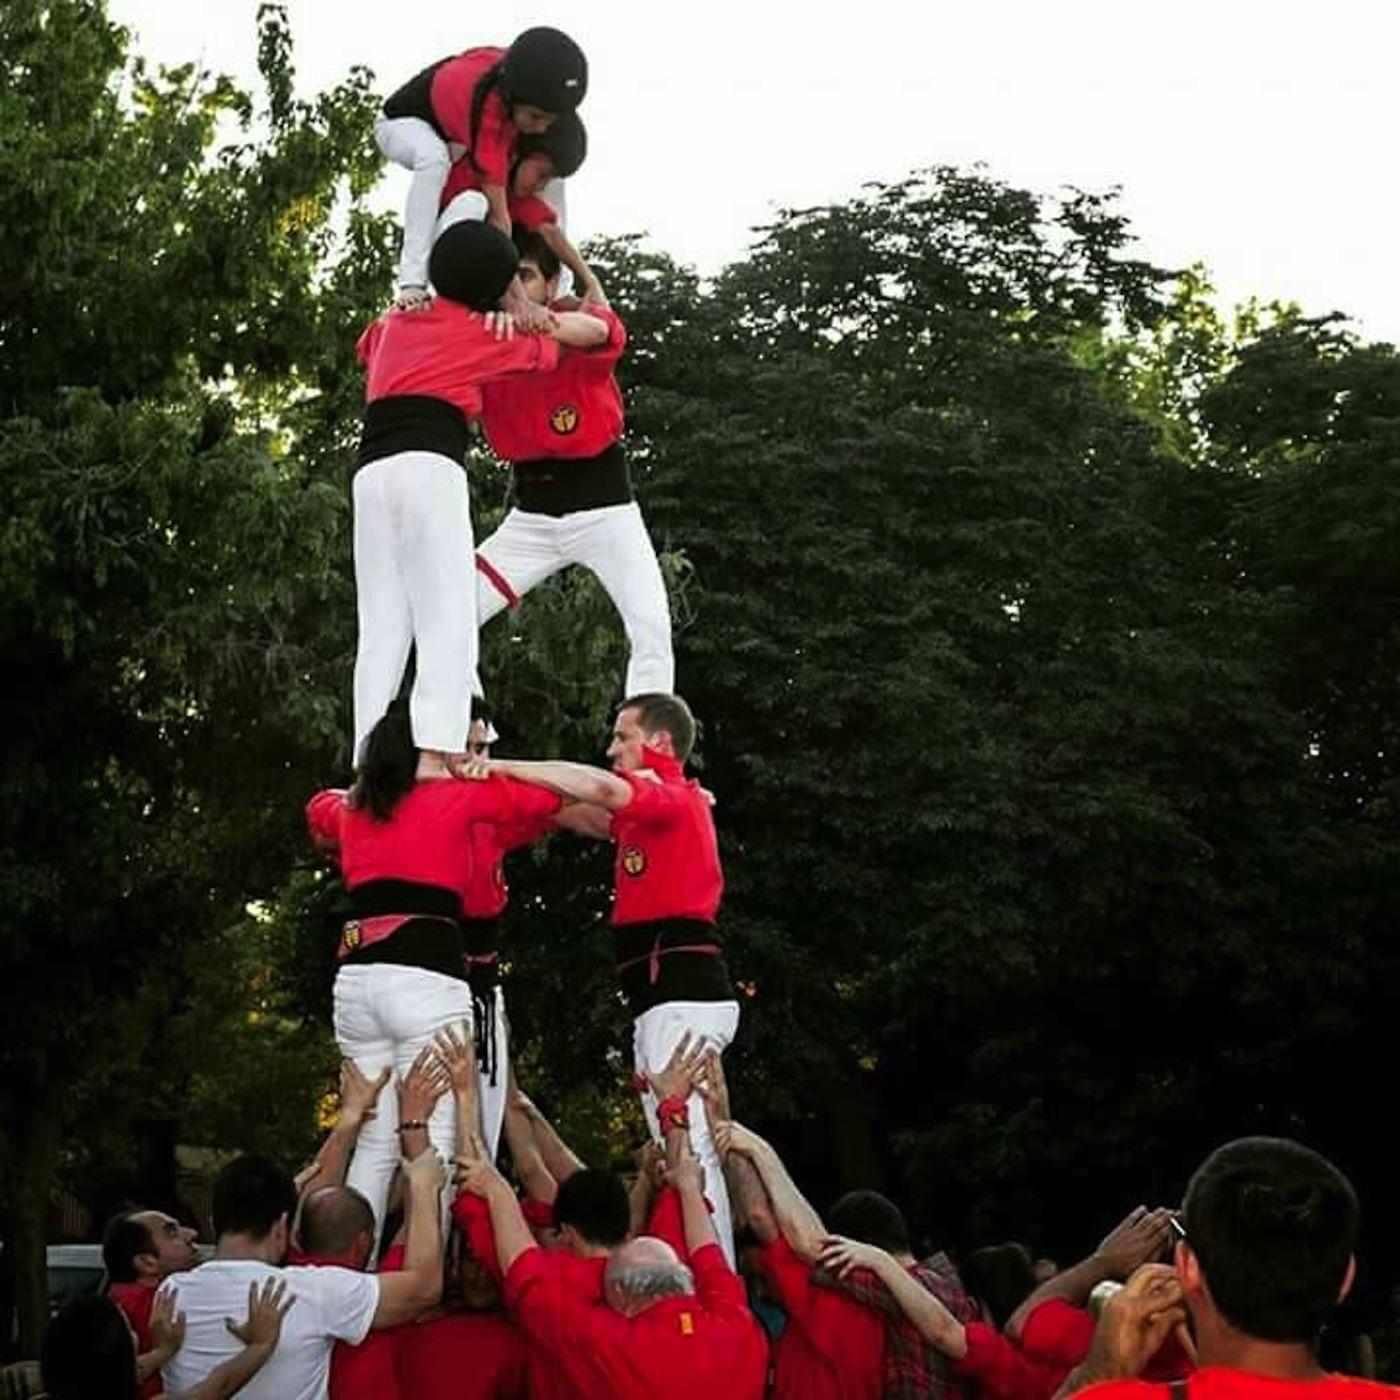 Imatge d'un 3 de 5 a les festes de San Antonio de la Florida, Madrid.